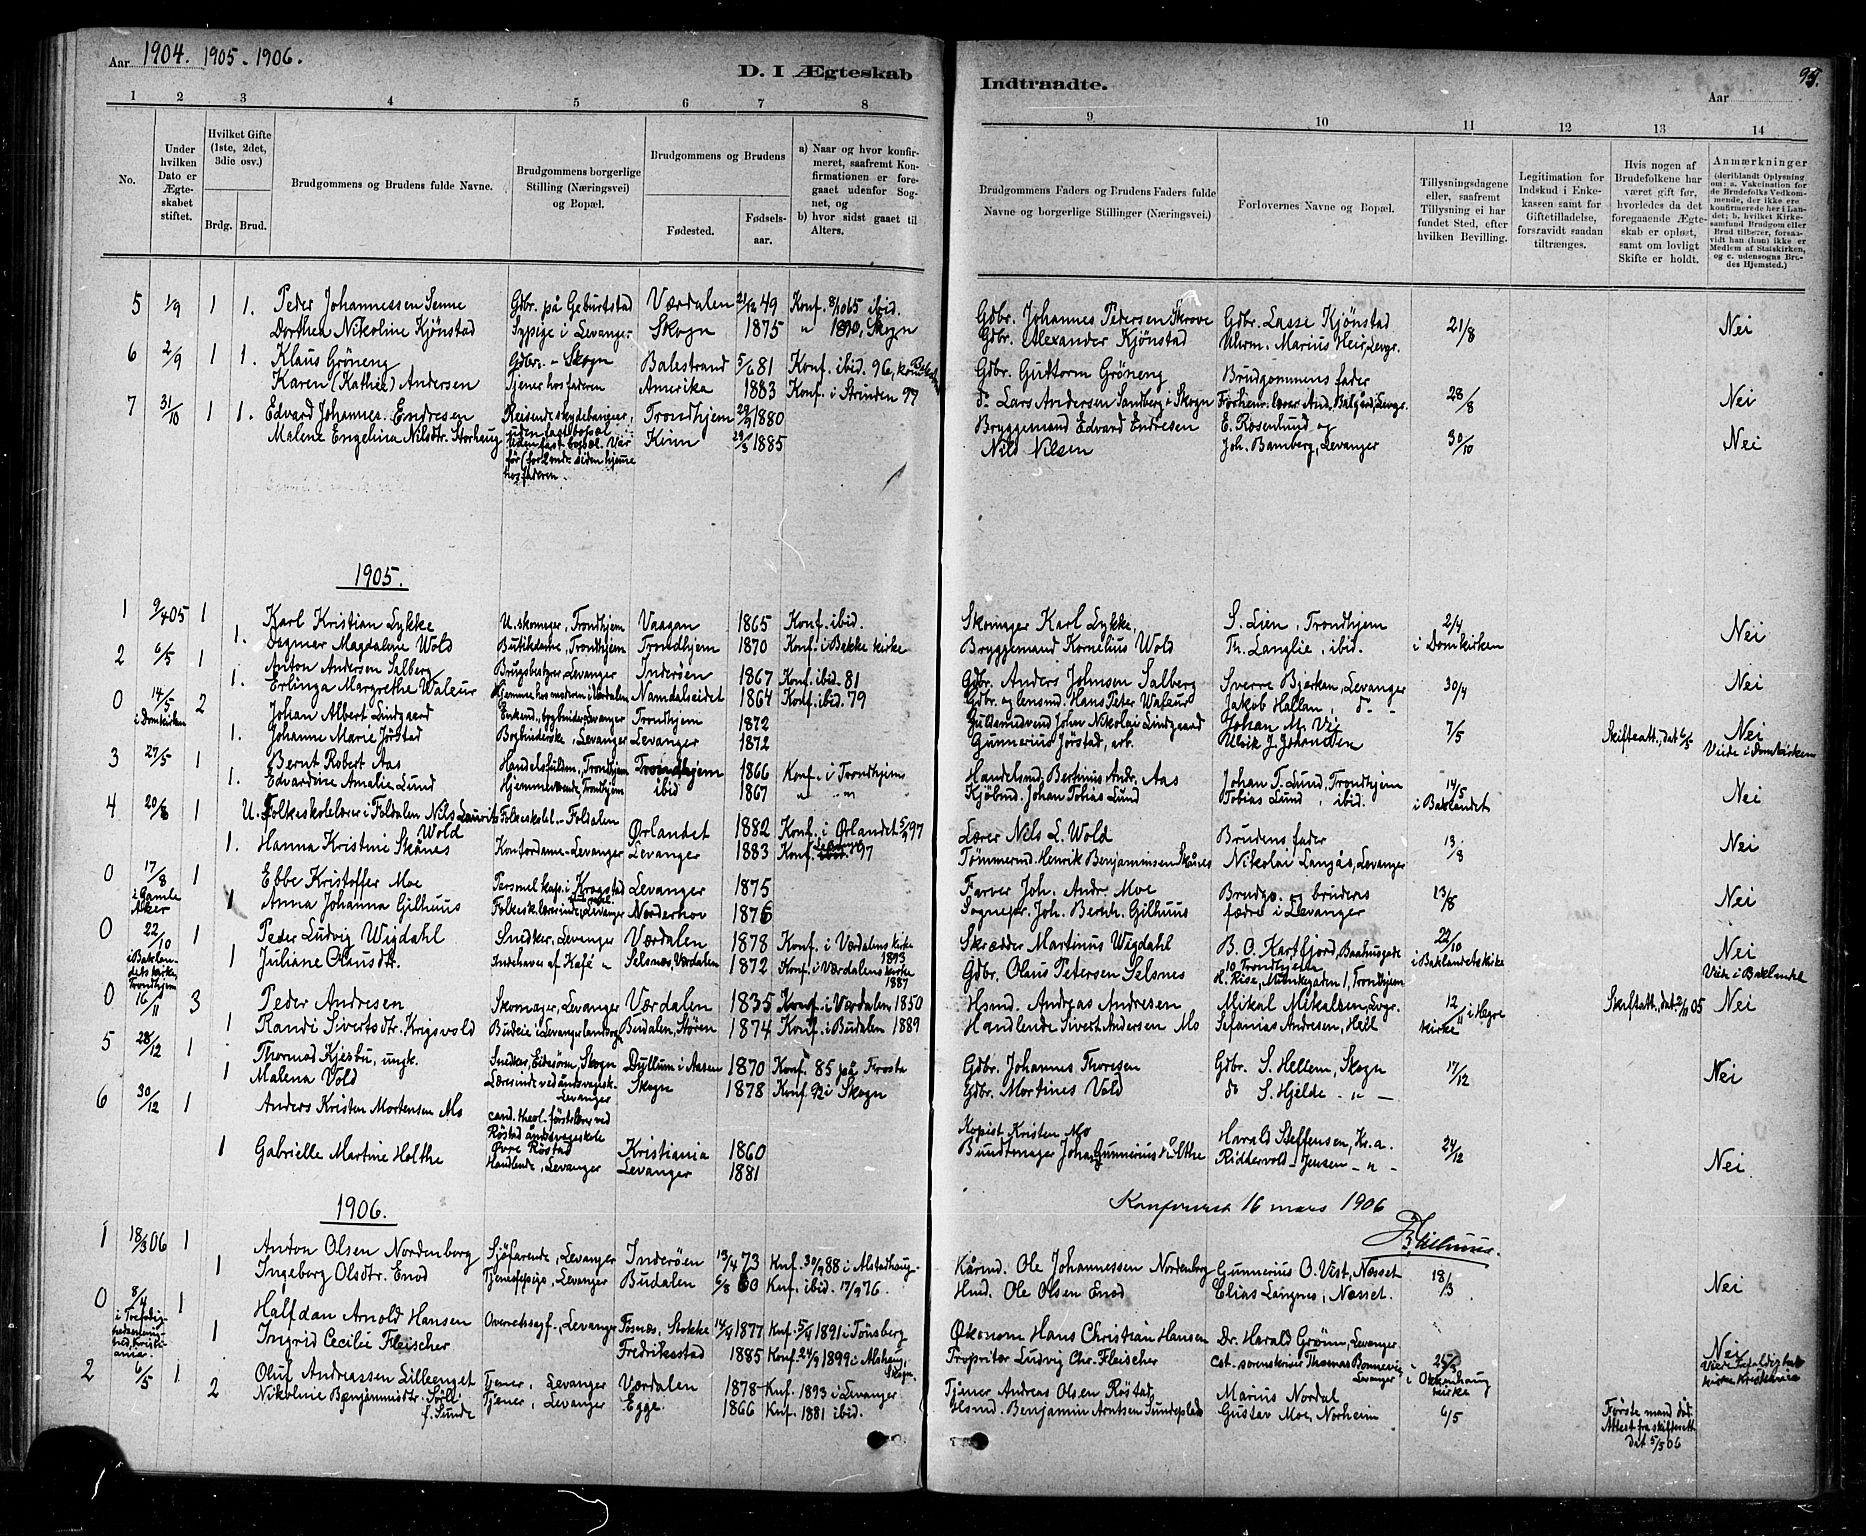 SAT, Ministerialprotokoller, klokkerbøker og fødselsregistre - Nord-Trøndelag, 720/L0192: Klokkerbok nr. 720C01, 1880-1917, s. 95